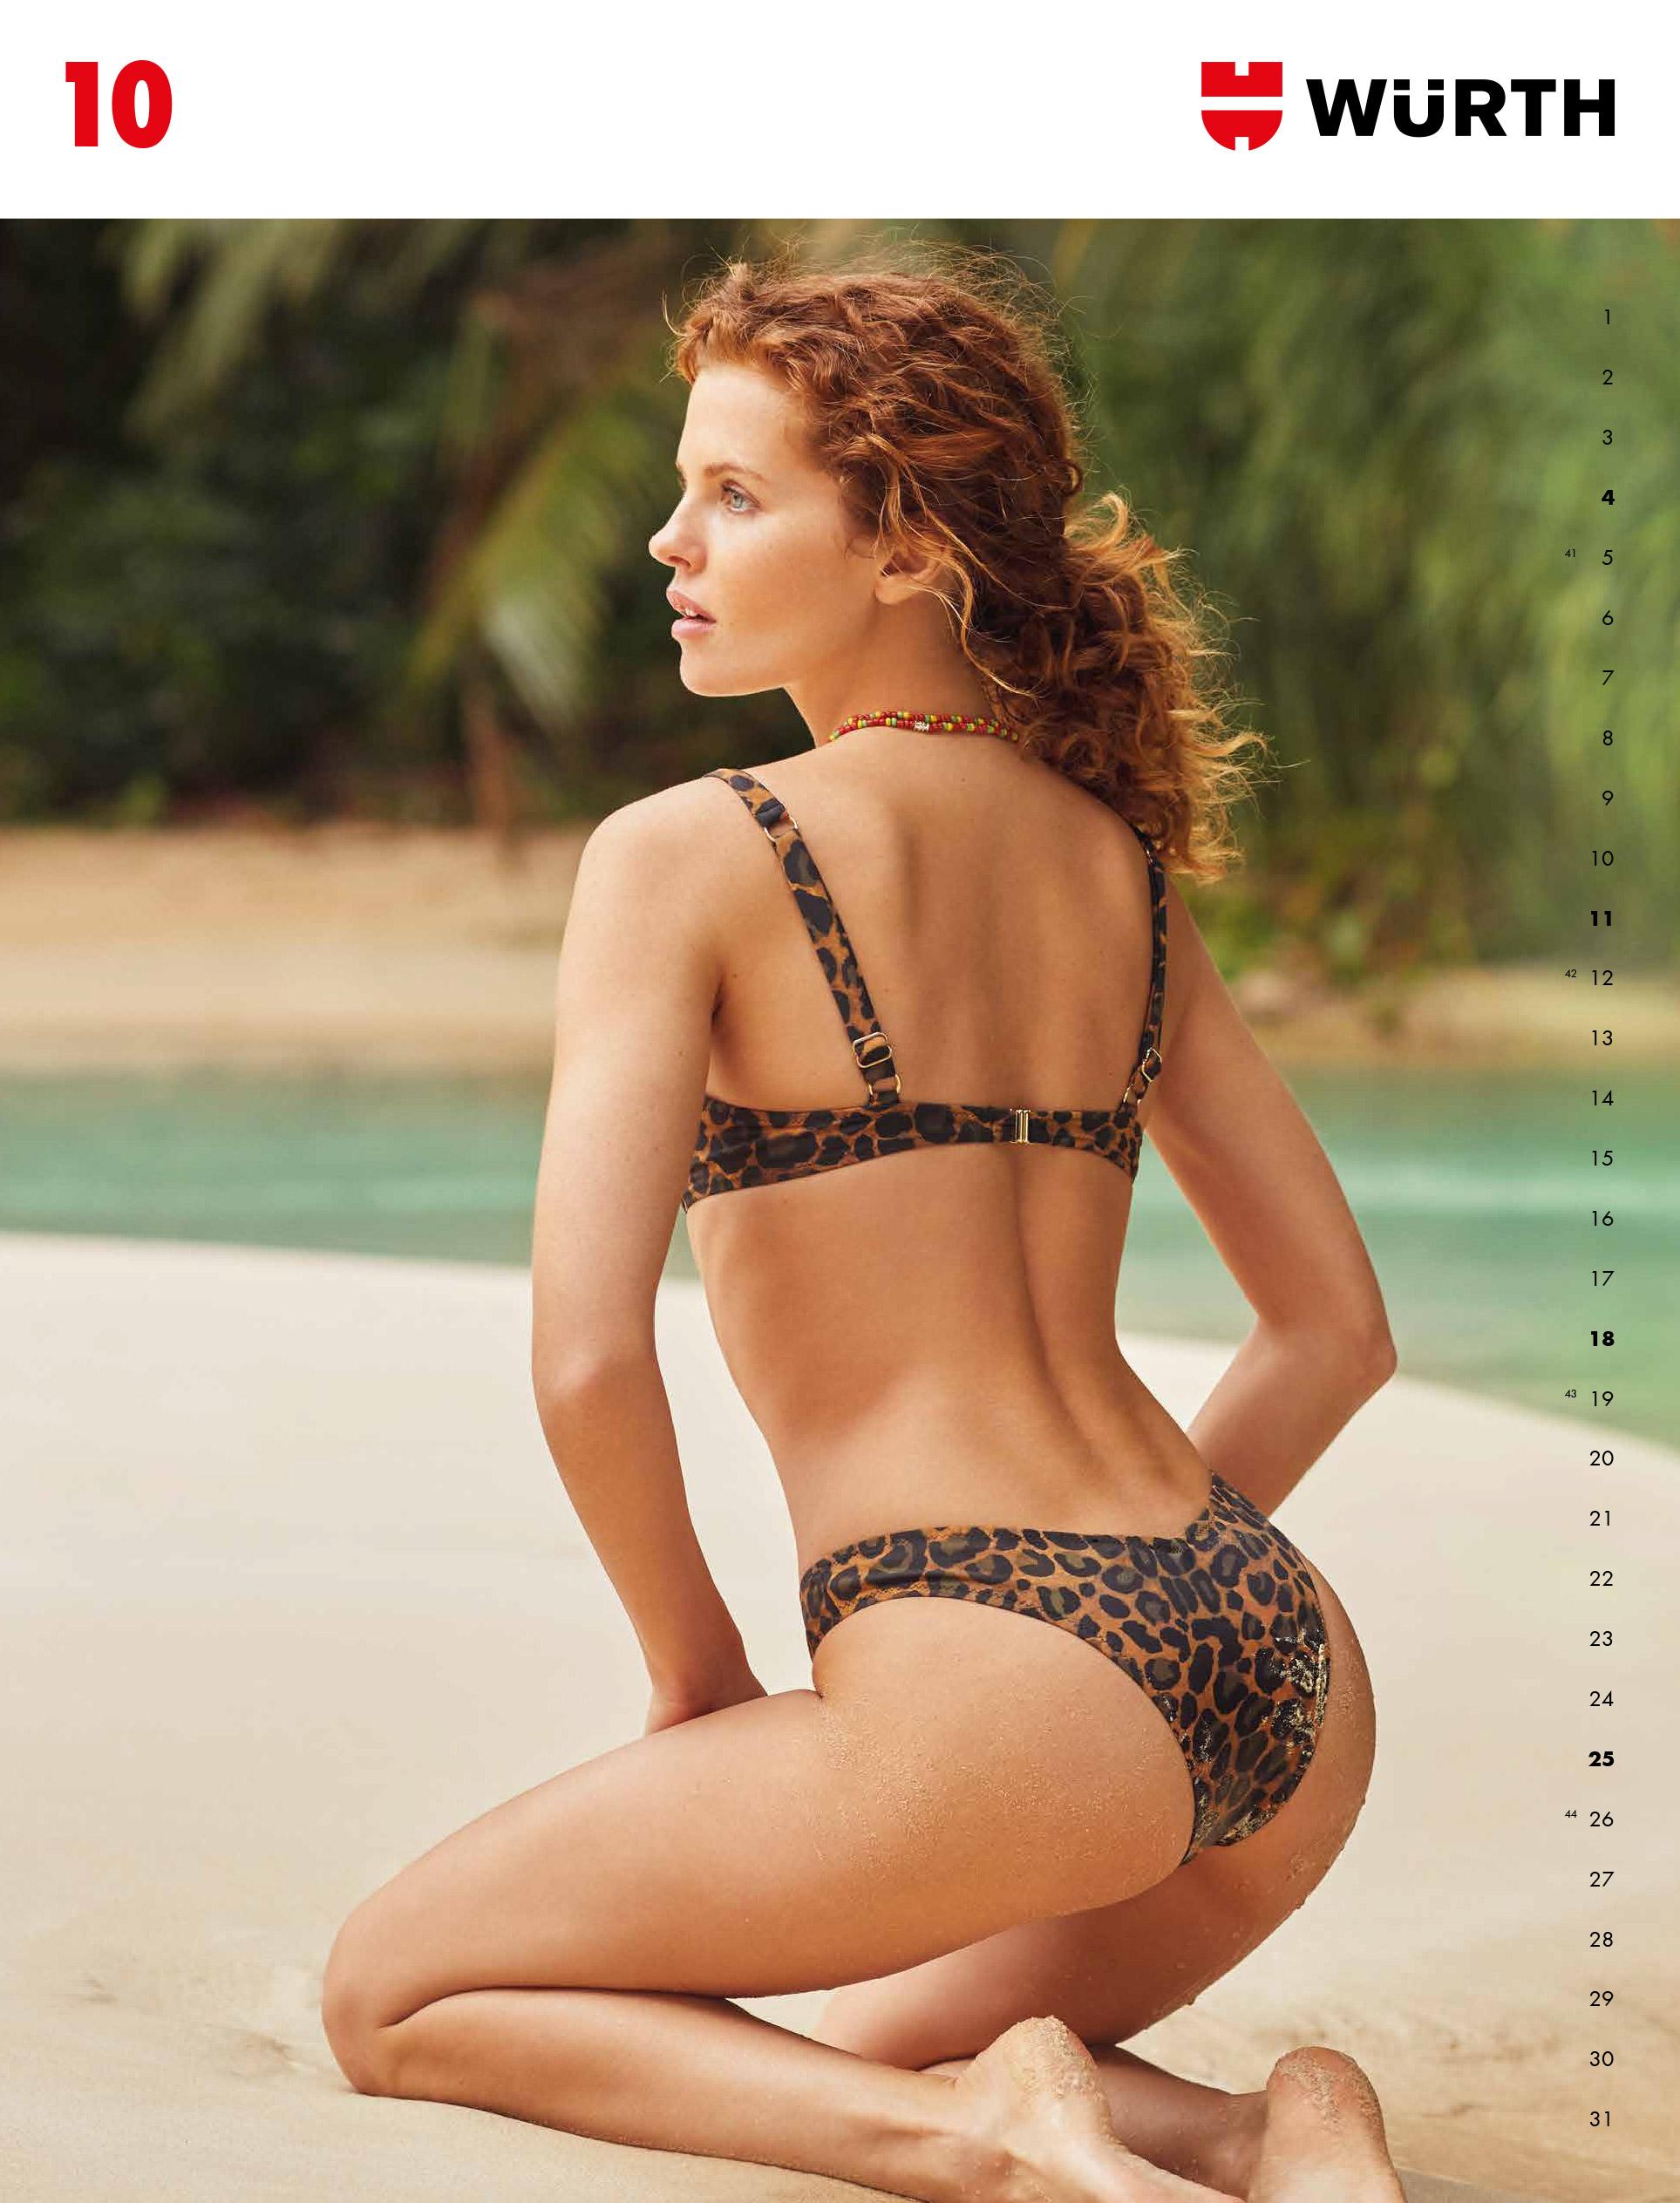 Сексуальные девушки-фотомодели в календаре корпорации Wurth на 2020-й год / октябрь